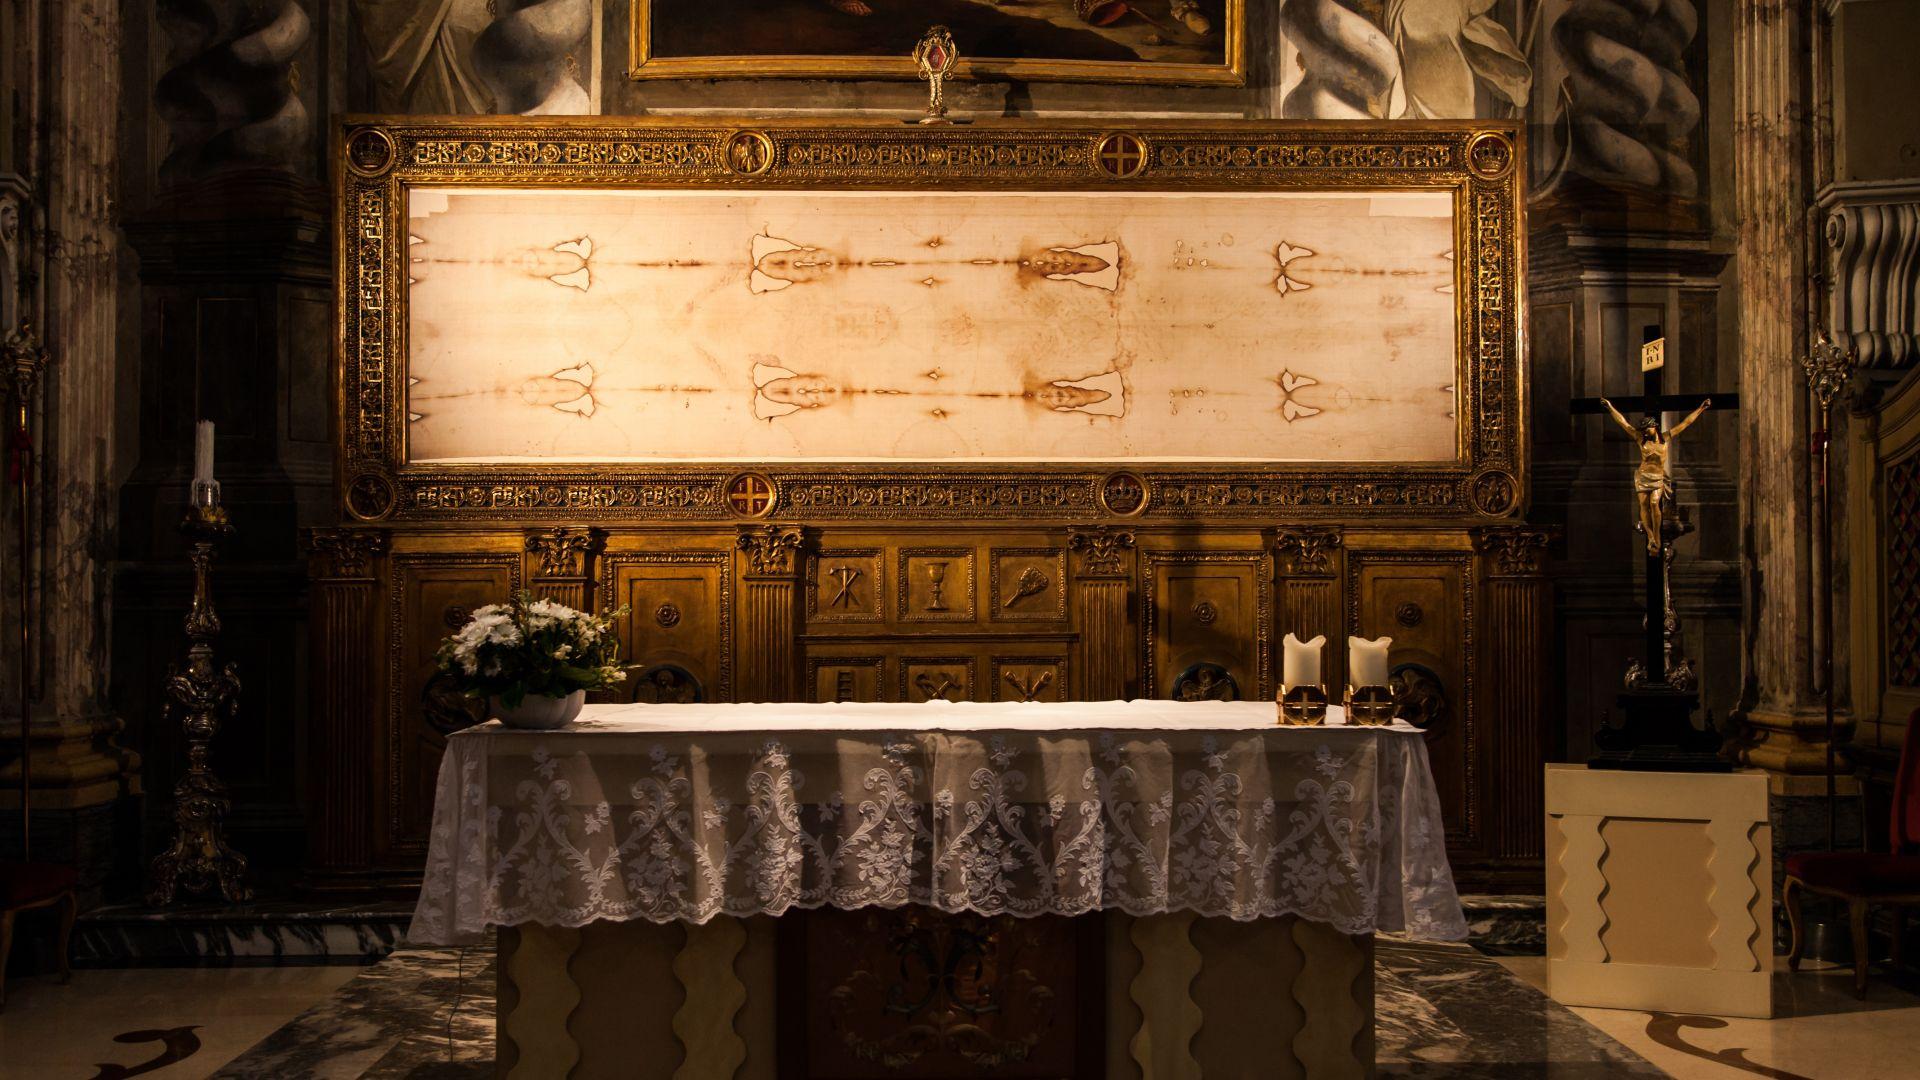 Торинската плащаница е средновековен фалшификат, сочи изследване